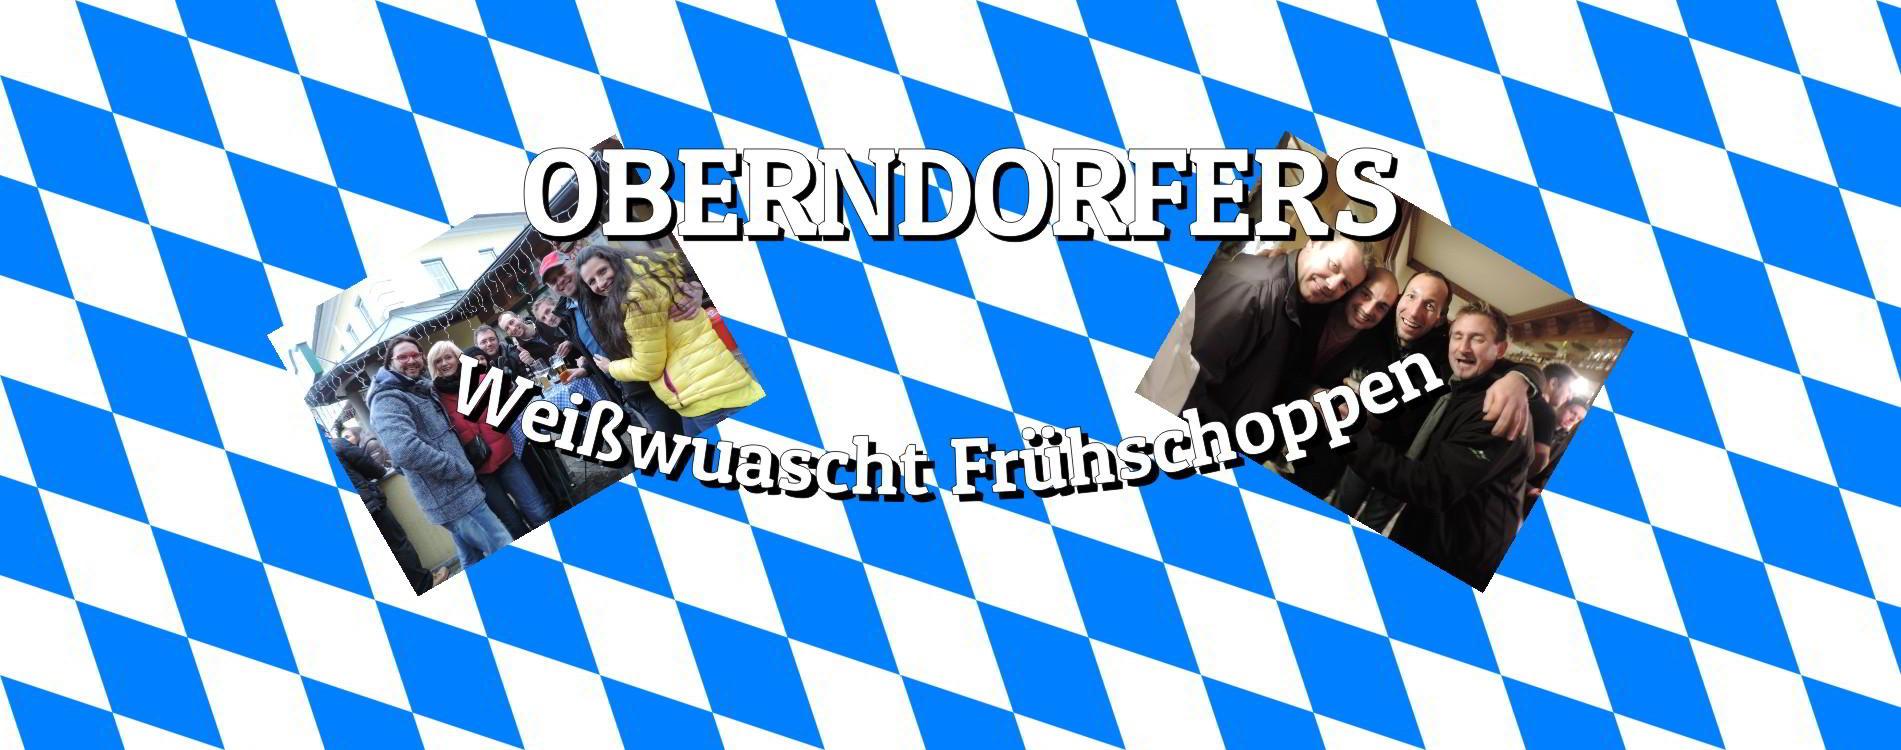 Weißwuascht Frühschoppen 2016 beim Oberndorfer